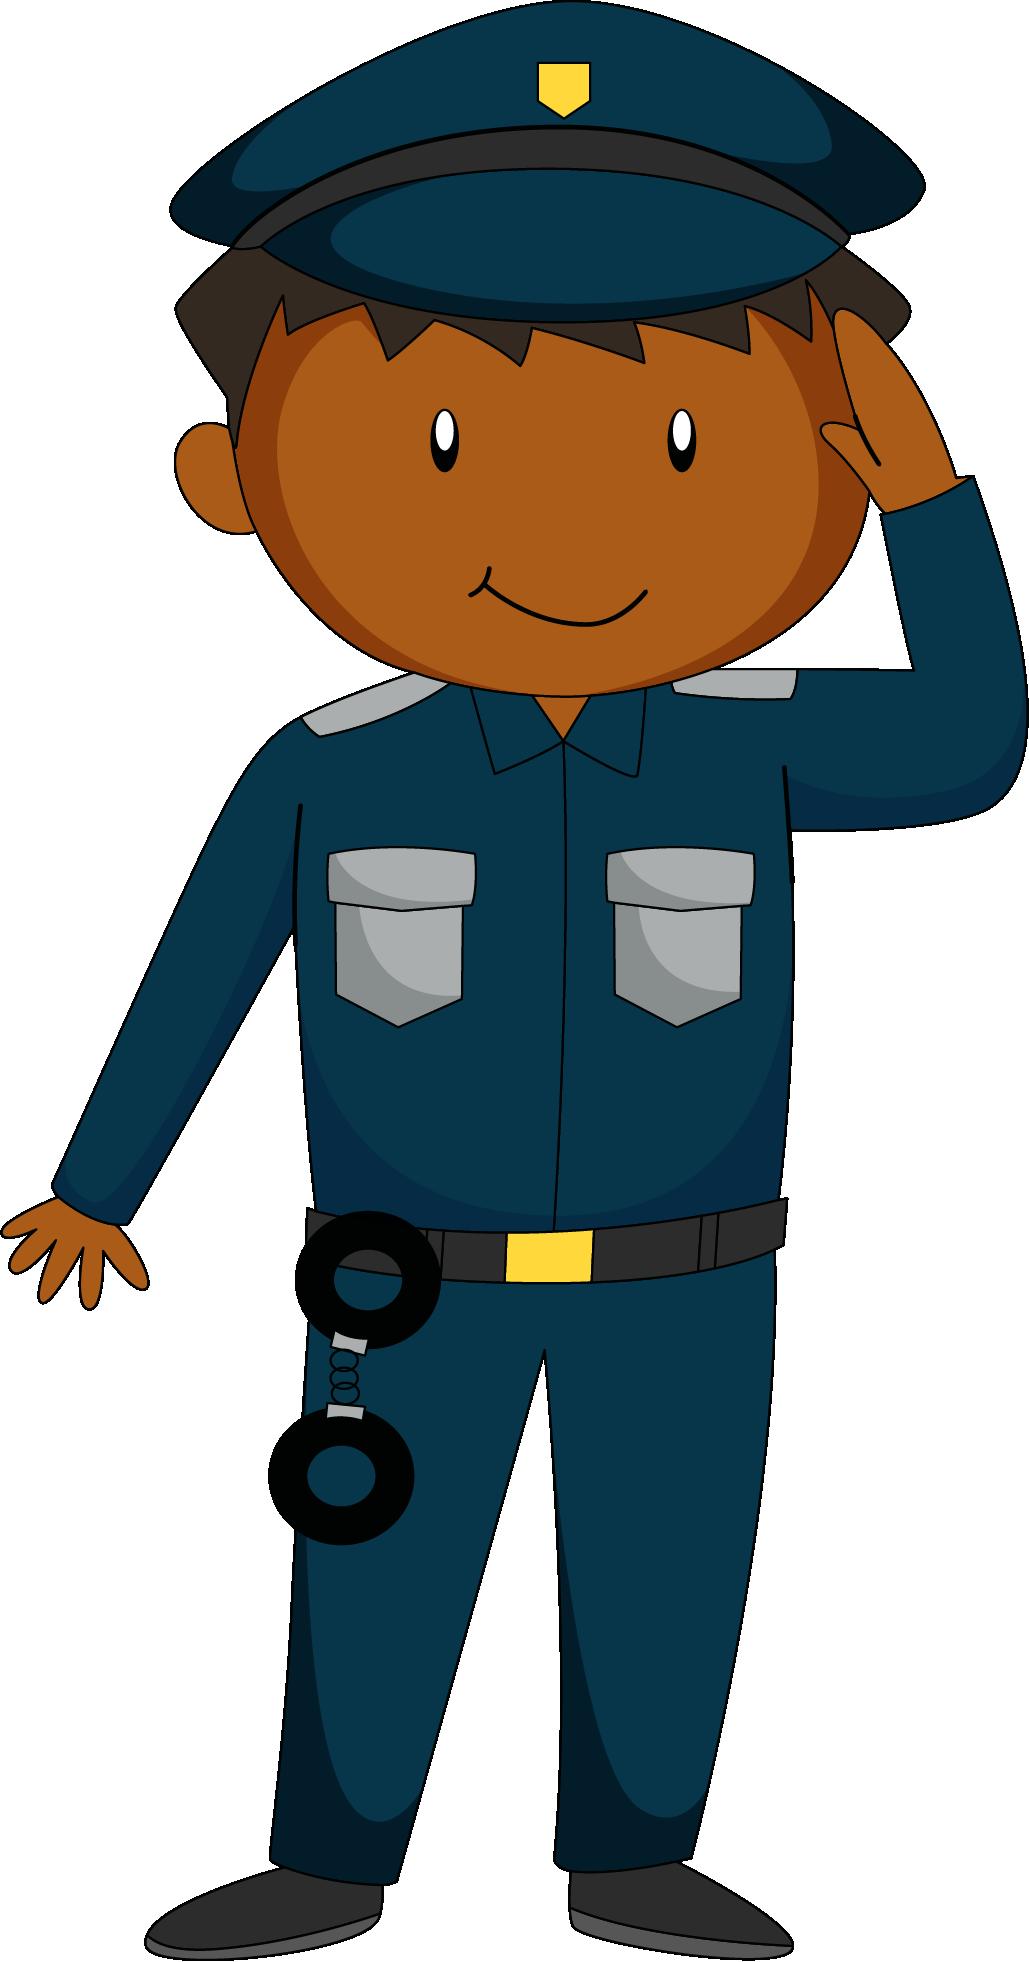 Policeman salute